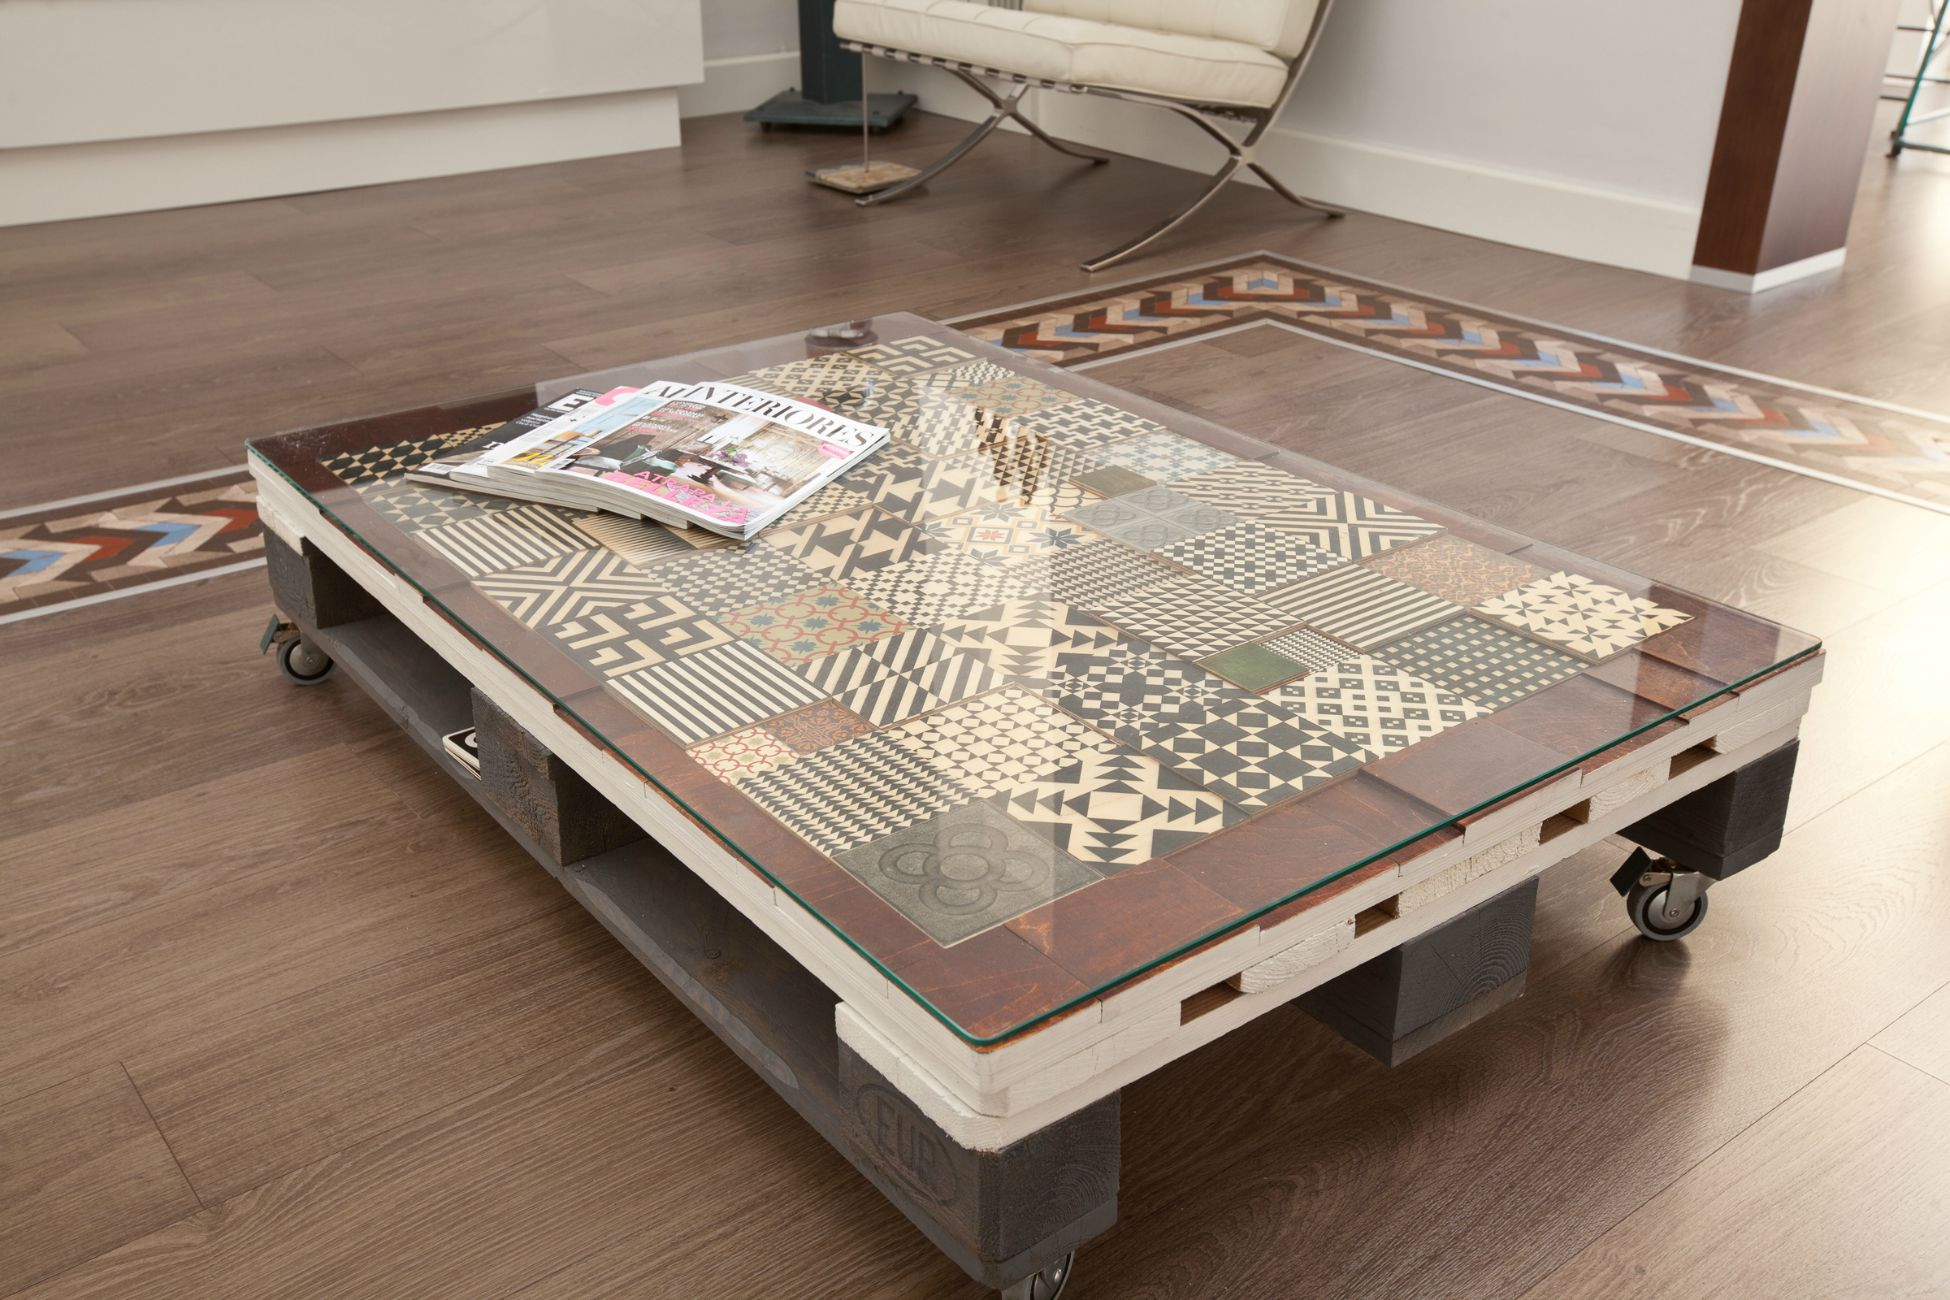 Muebles de palets decorados con azulejos hidr ulicos i love palets - Medidas de baldosas ...